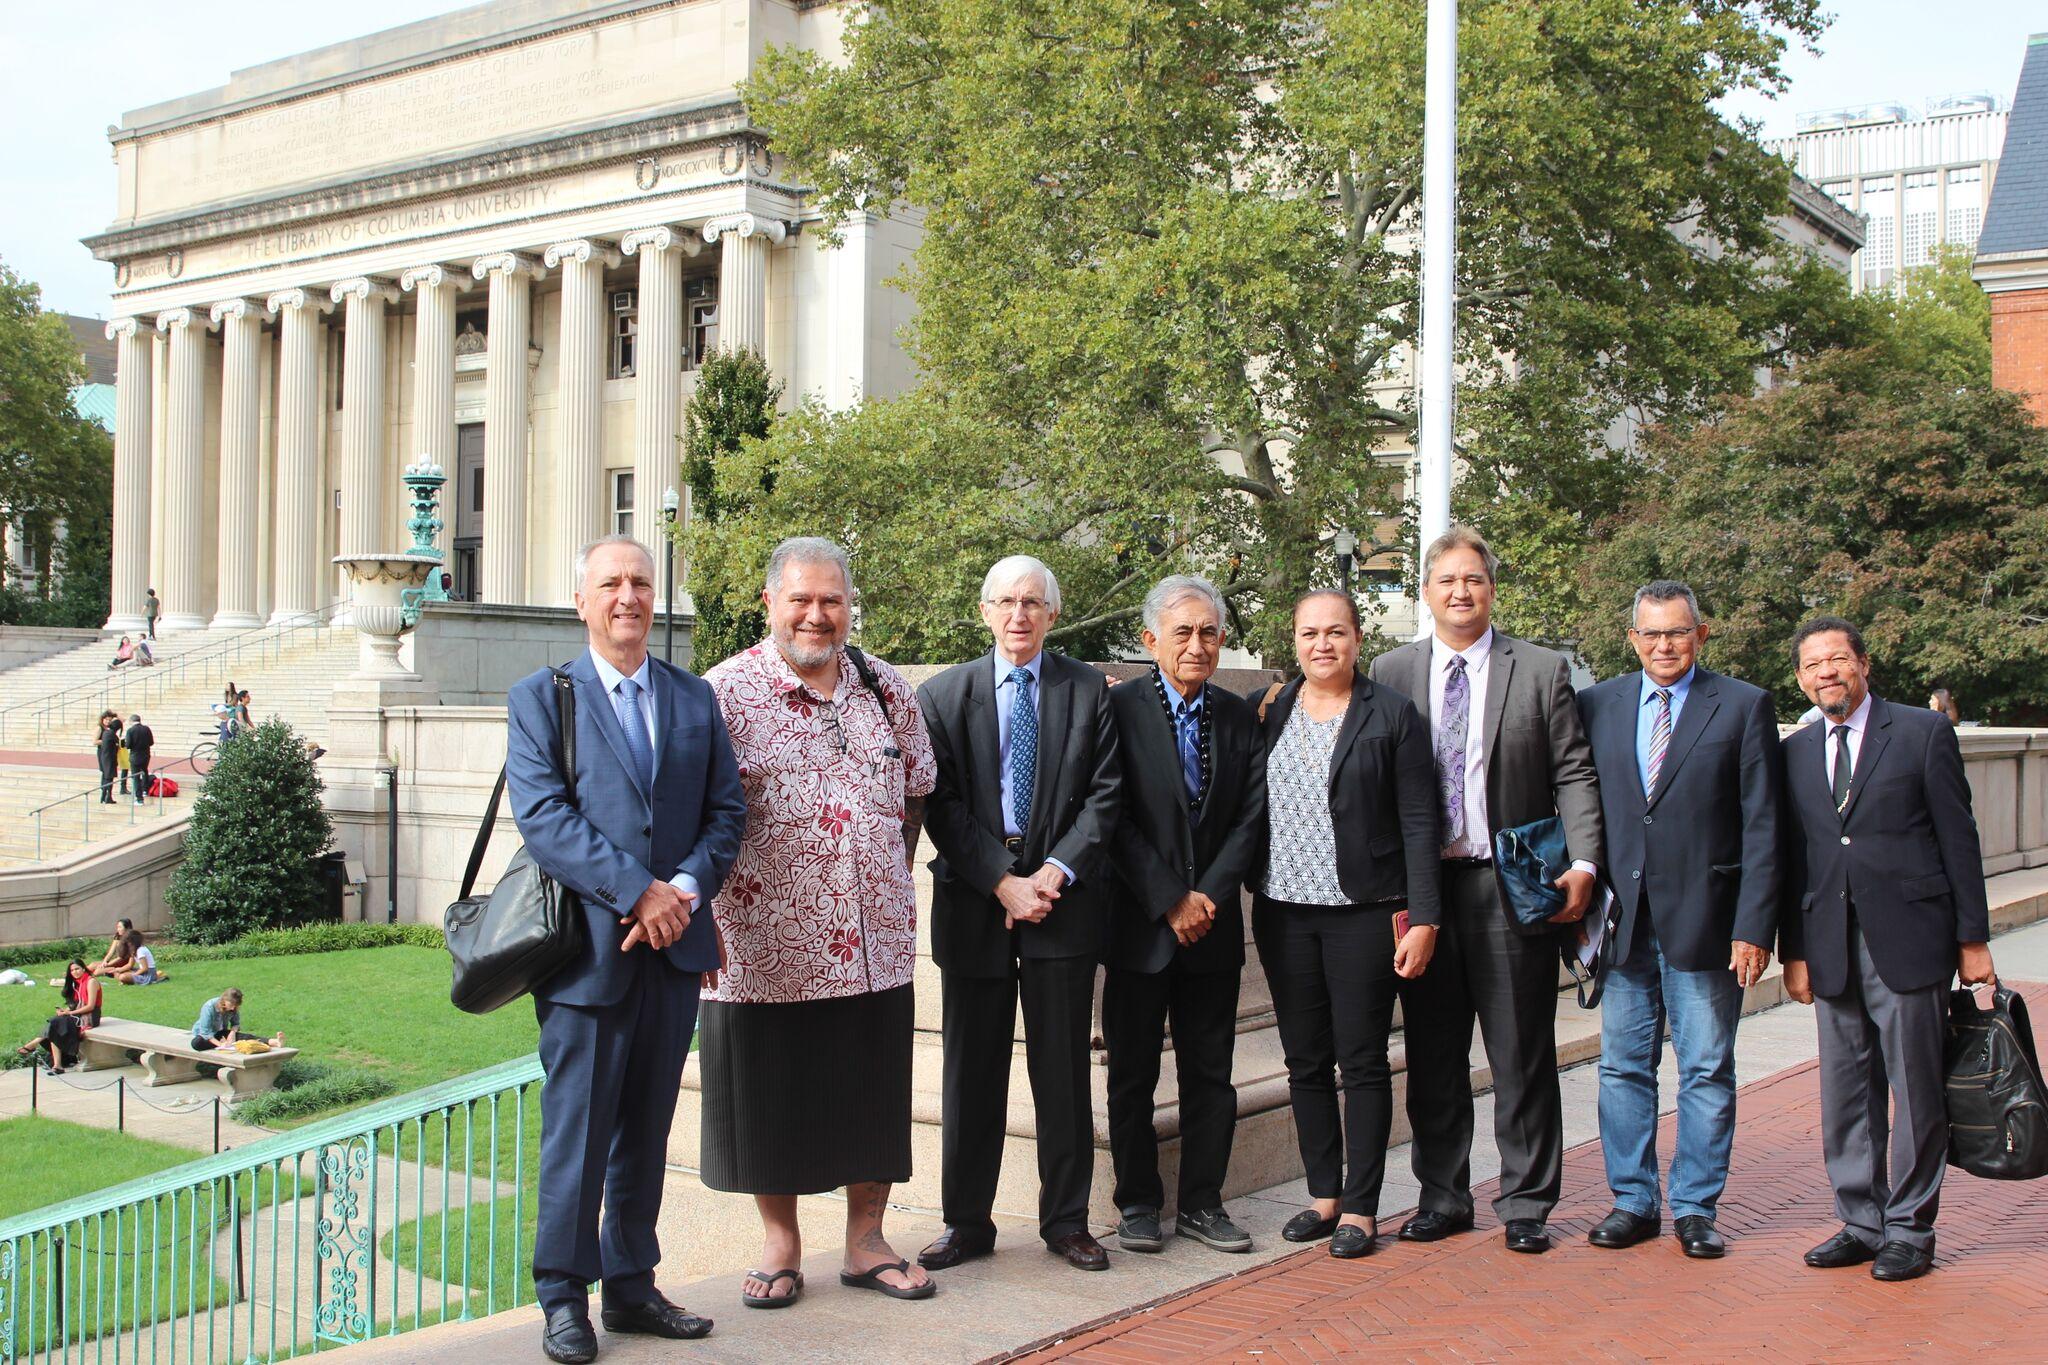 Le leader souverainiste polynésien est à New York où il doit intervenir ce mardi devant la 4e commission de l'ONU. Samedi, il a donné une conférence à l'université Columbia, sur les conséquences en Polynésie des essais nucléaires français dans le Pacifique.